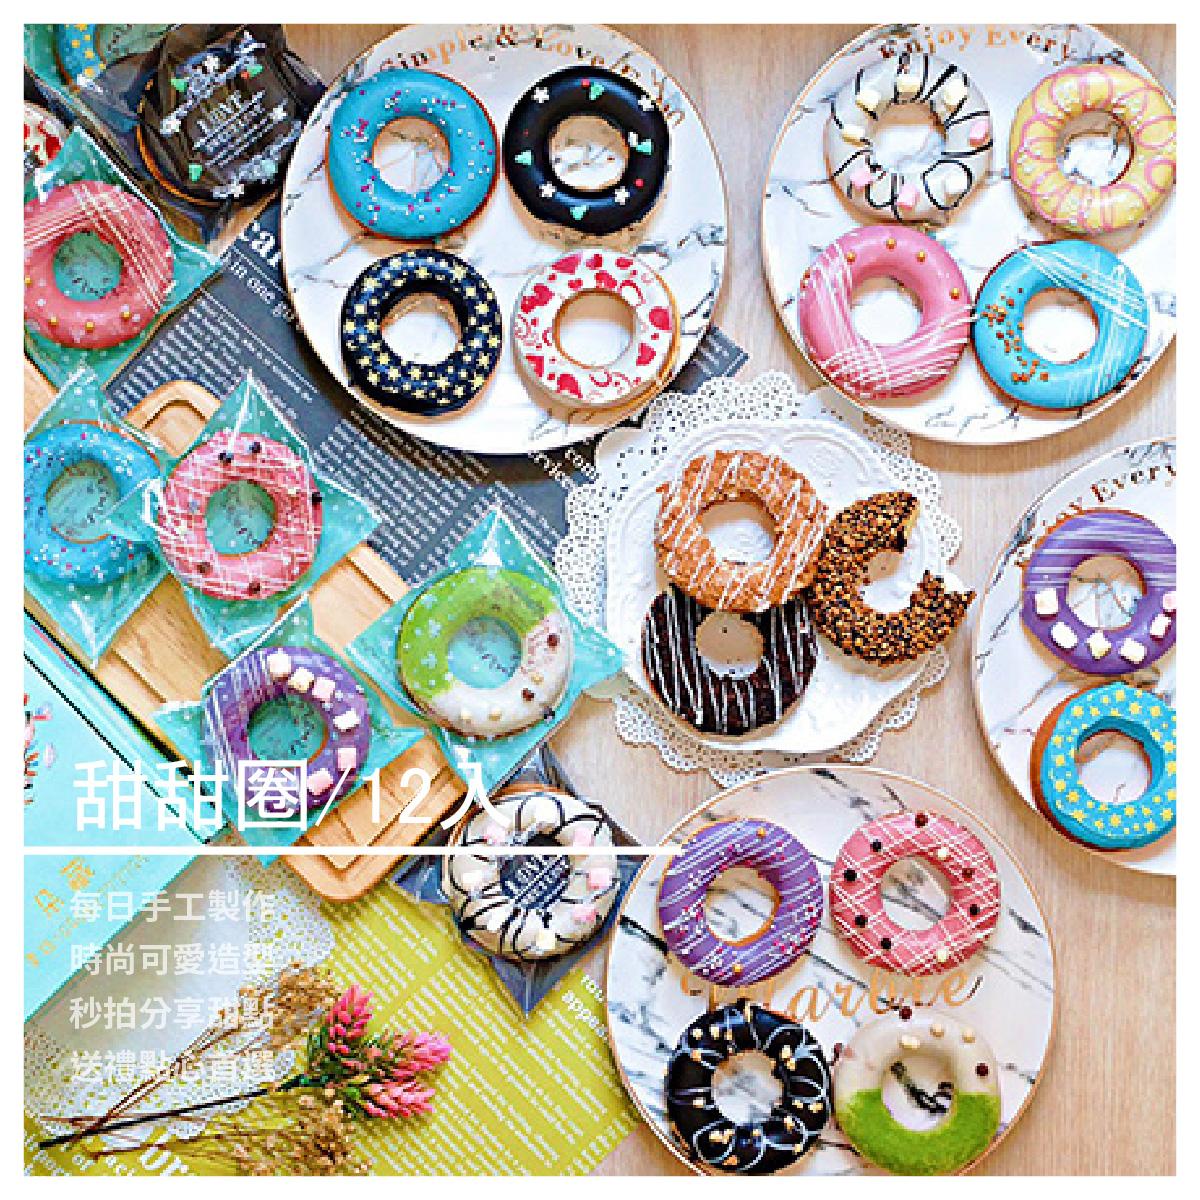 【朵藏_cake donuts】甜甜圈/12入裝/20款口味